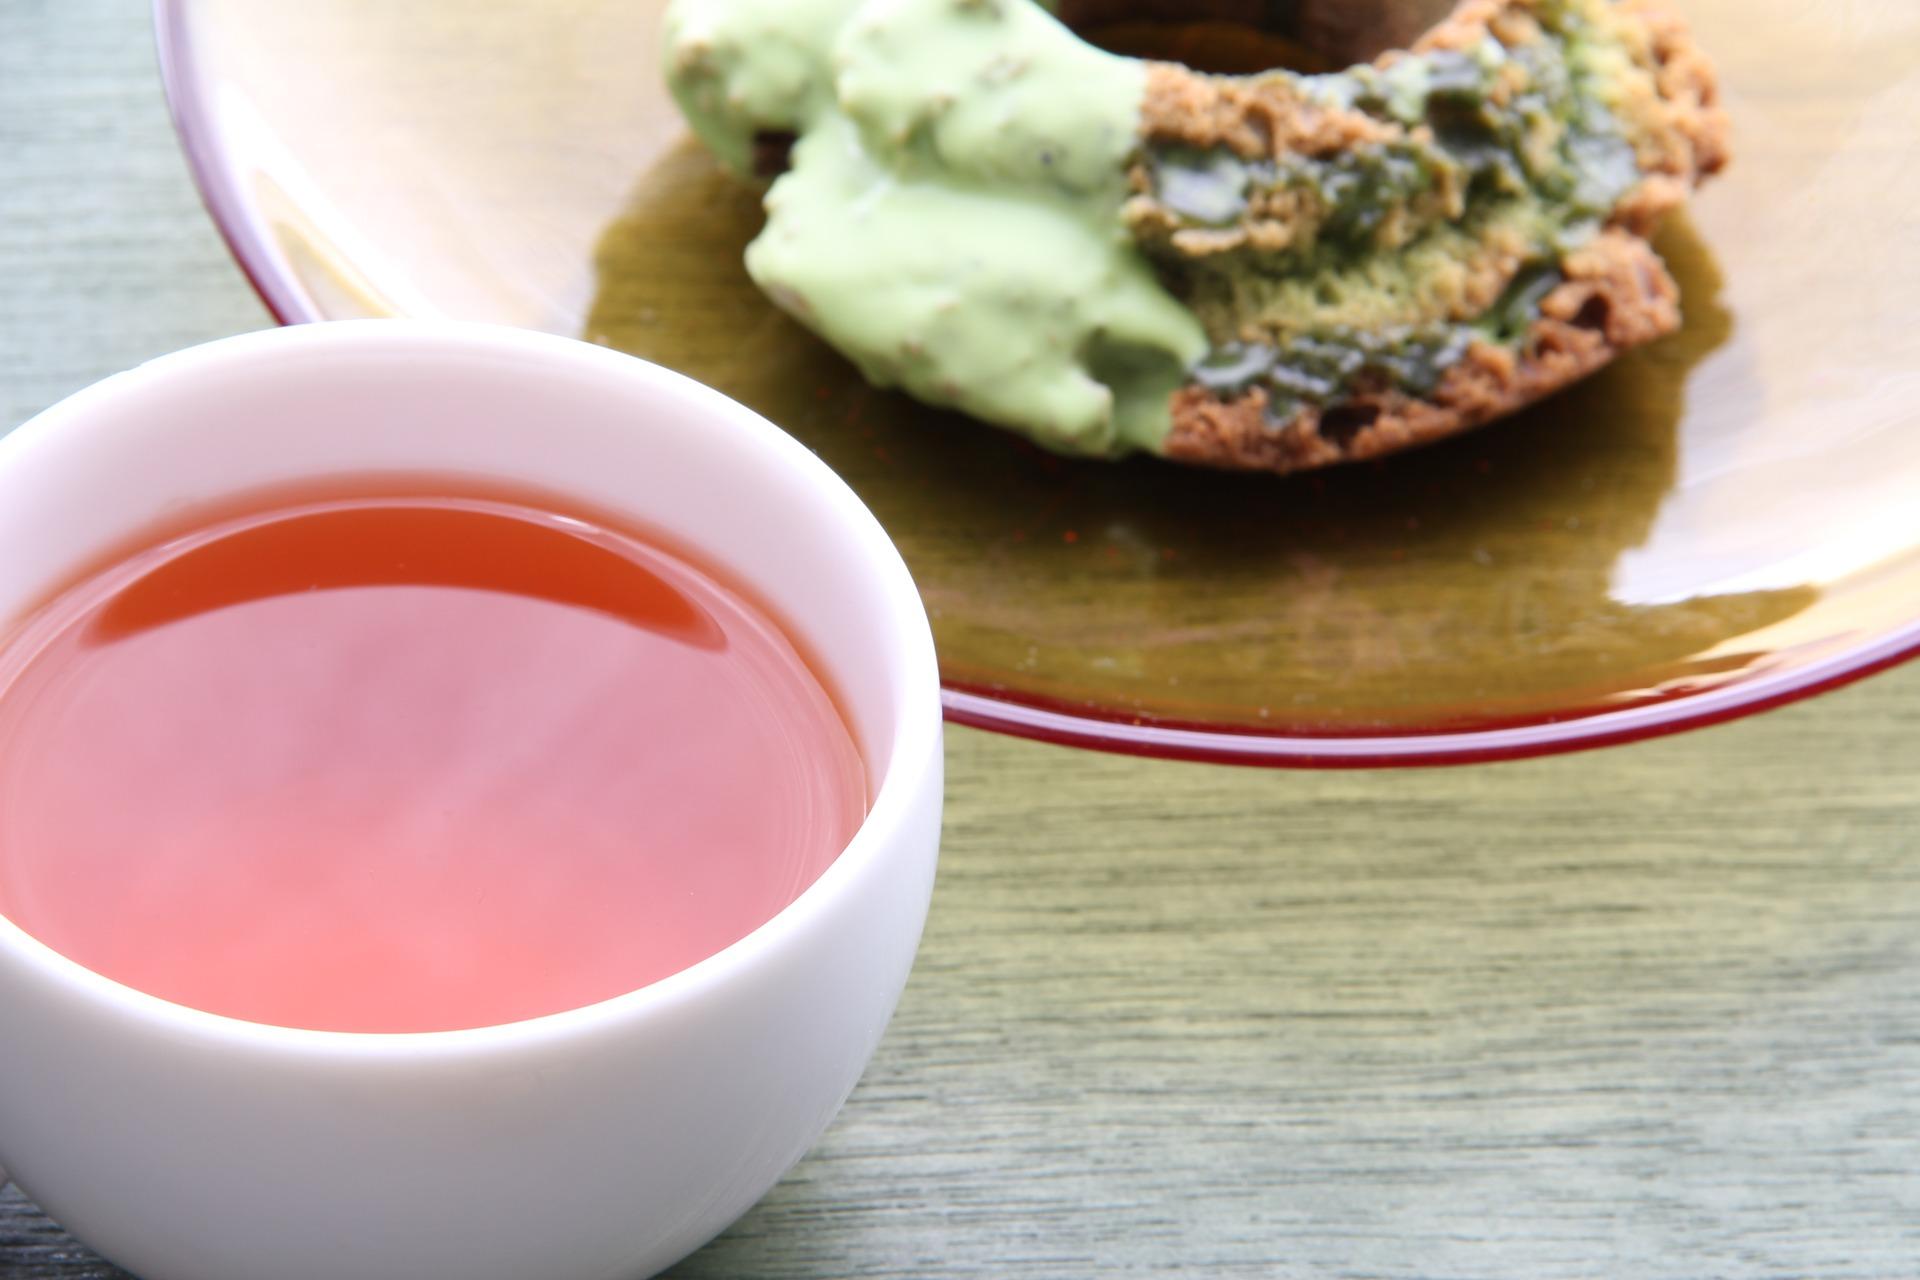 Infusiones de tés y tisanas pueden tener un maridaje dulce o salado. Aquí una infusión acompañada de dona de matcha